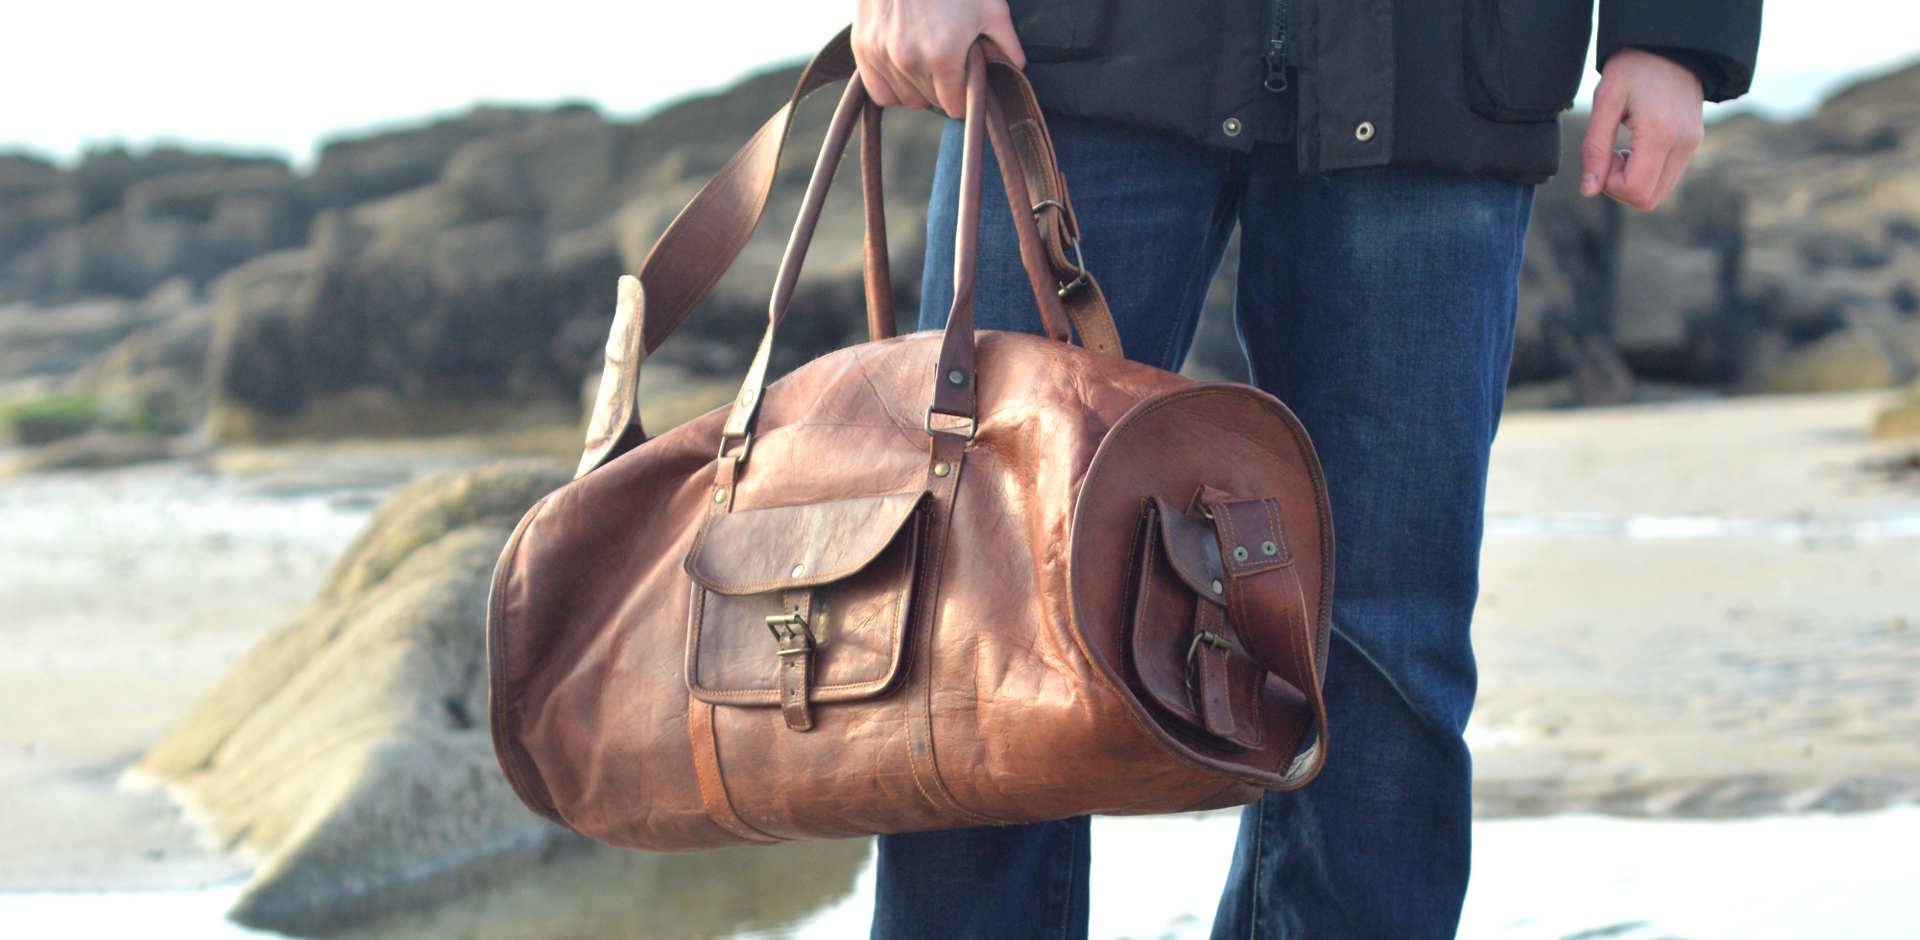 Le sac de voyage : un accessoire indispensable pour les vacances